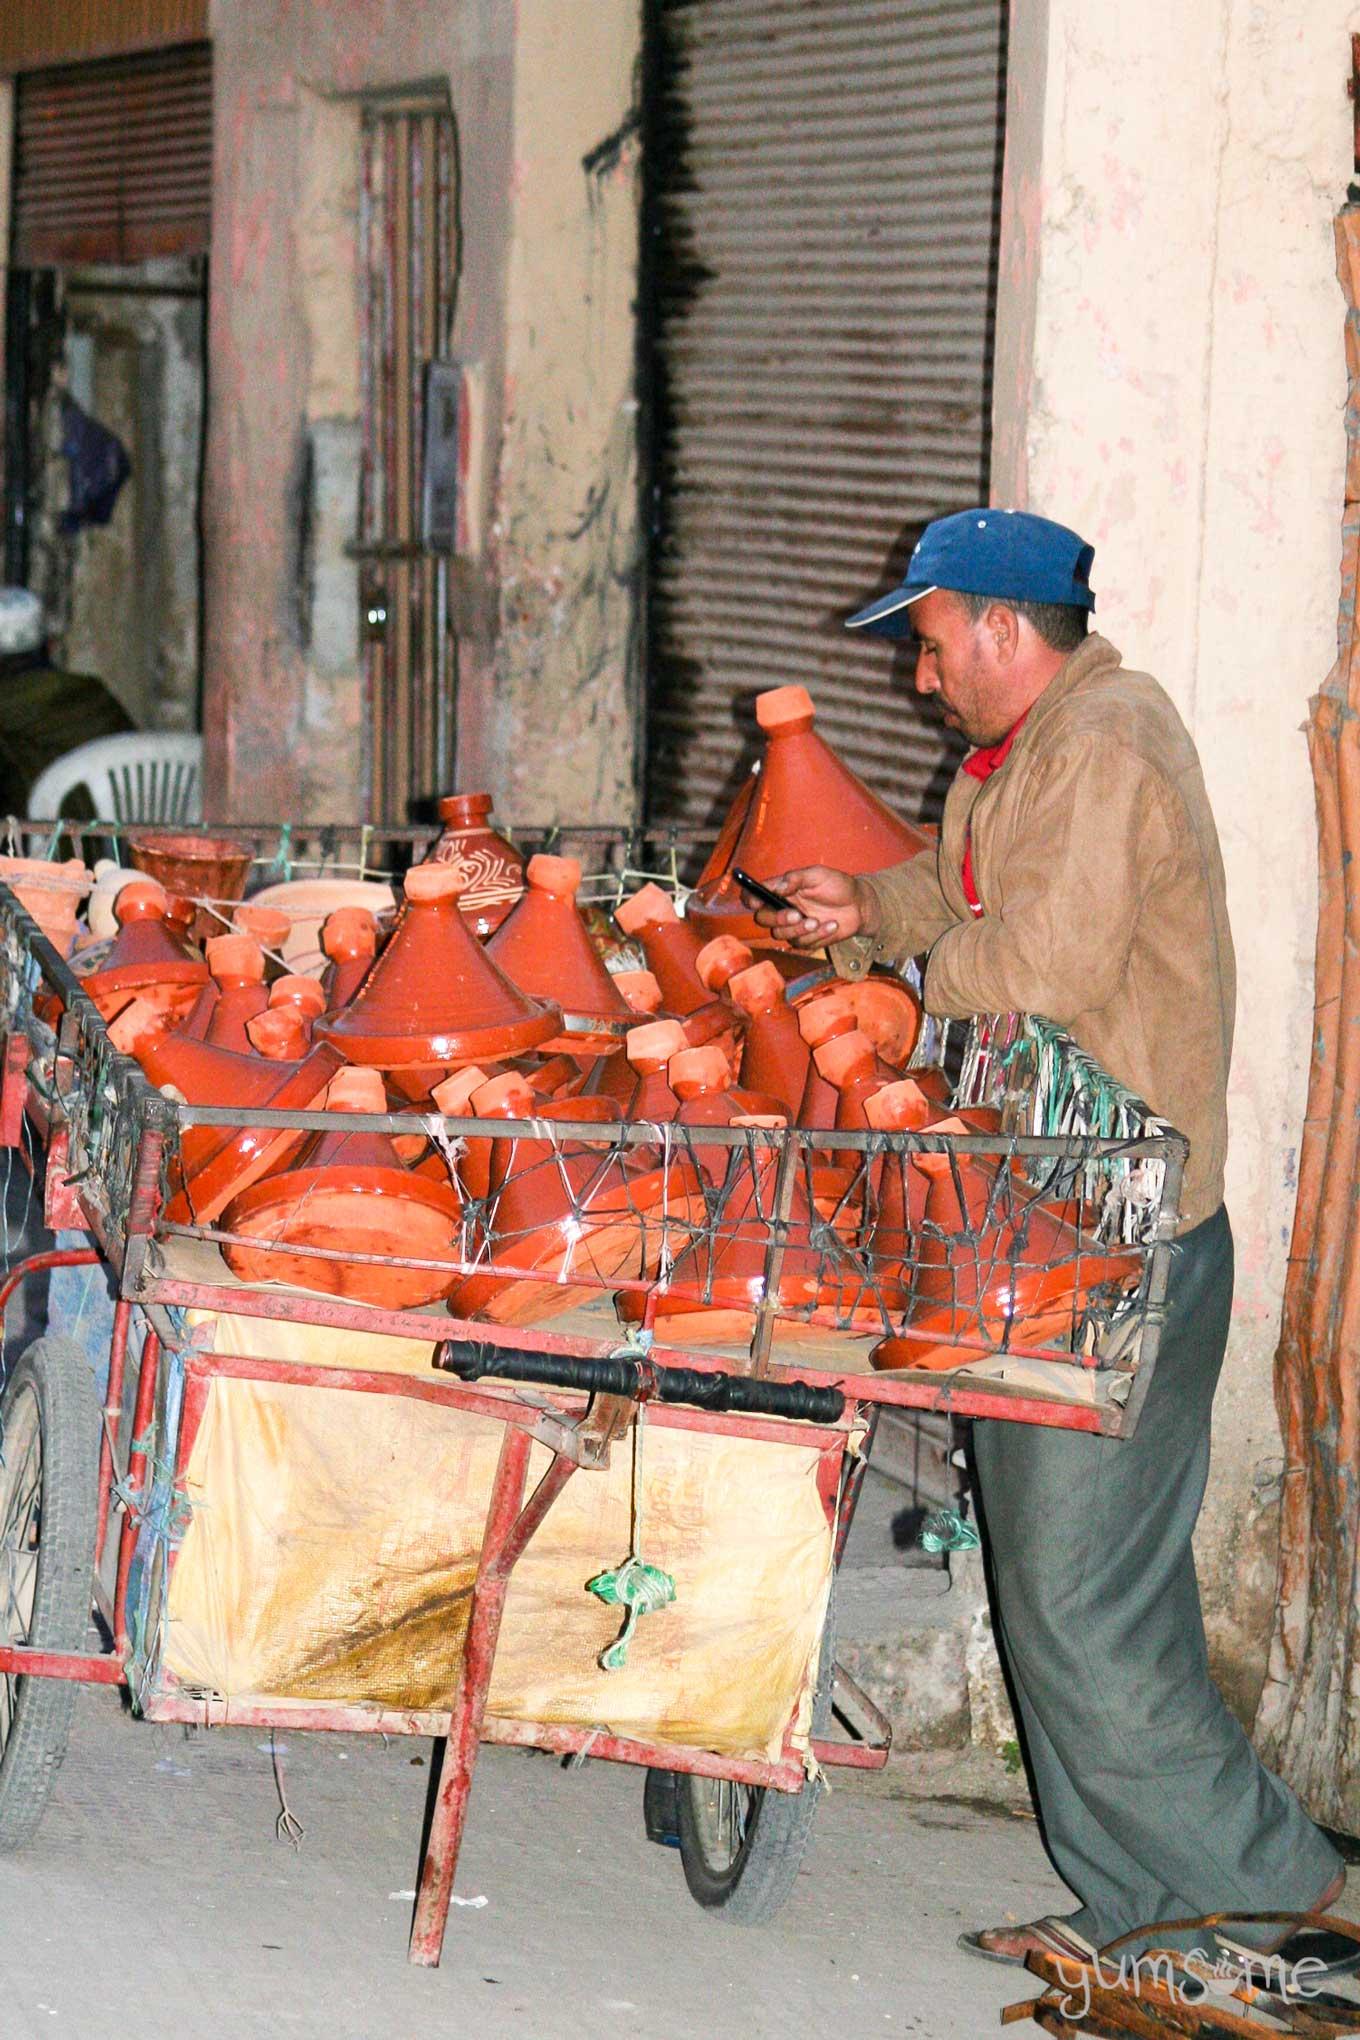 tagine seller in Taroudannt, Morocco